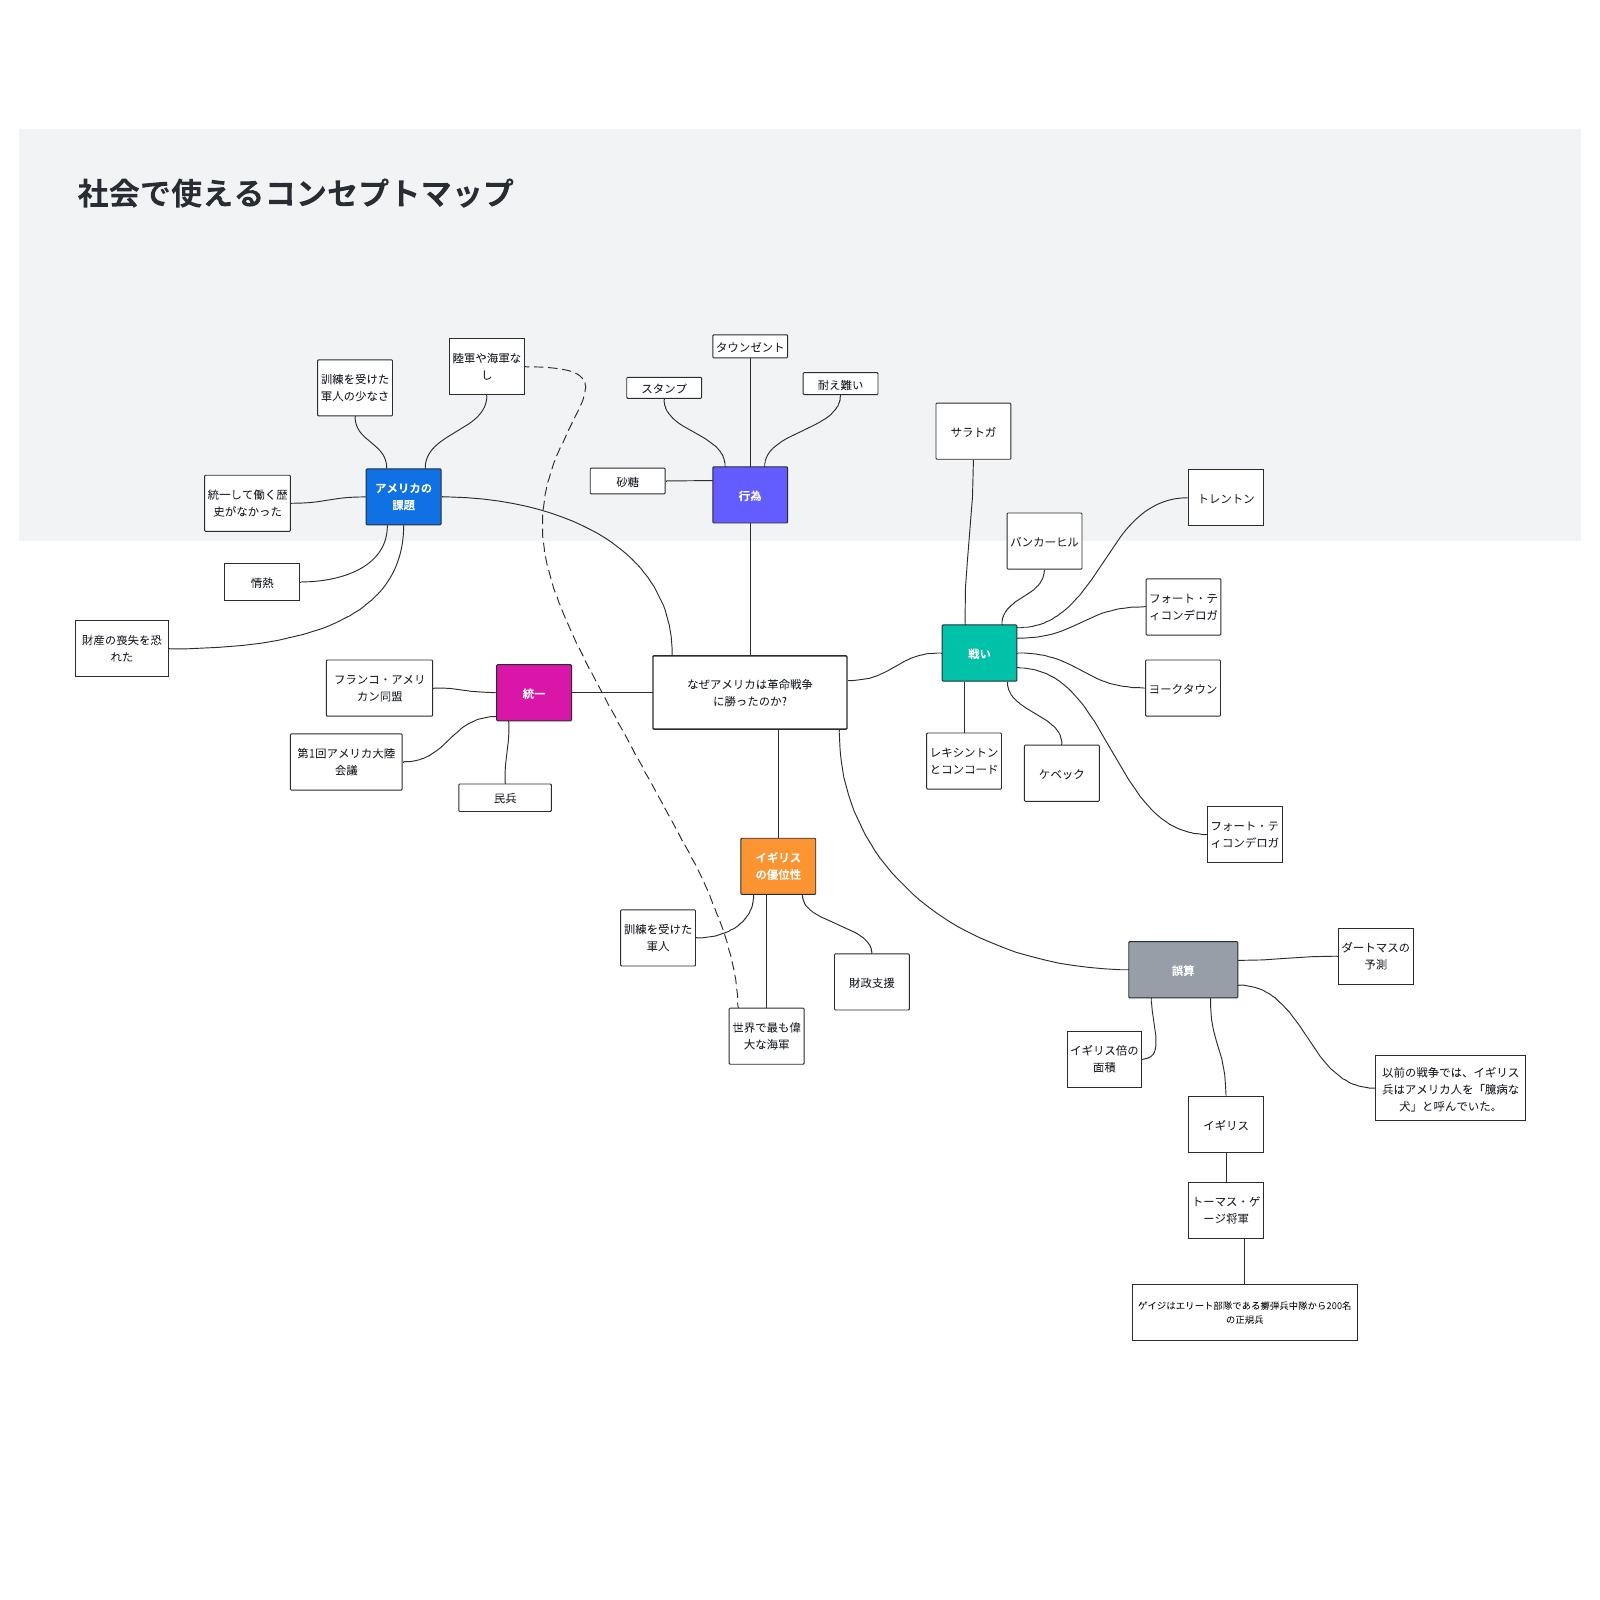 社会の学習知識に役立つコンセプトマップ